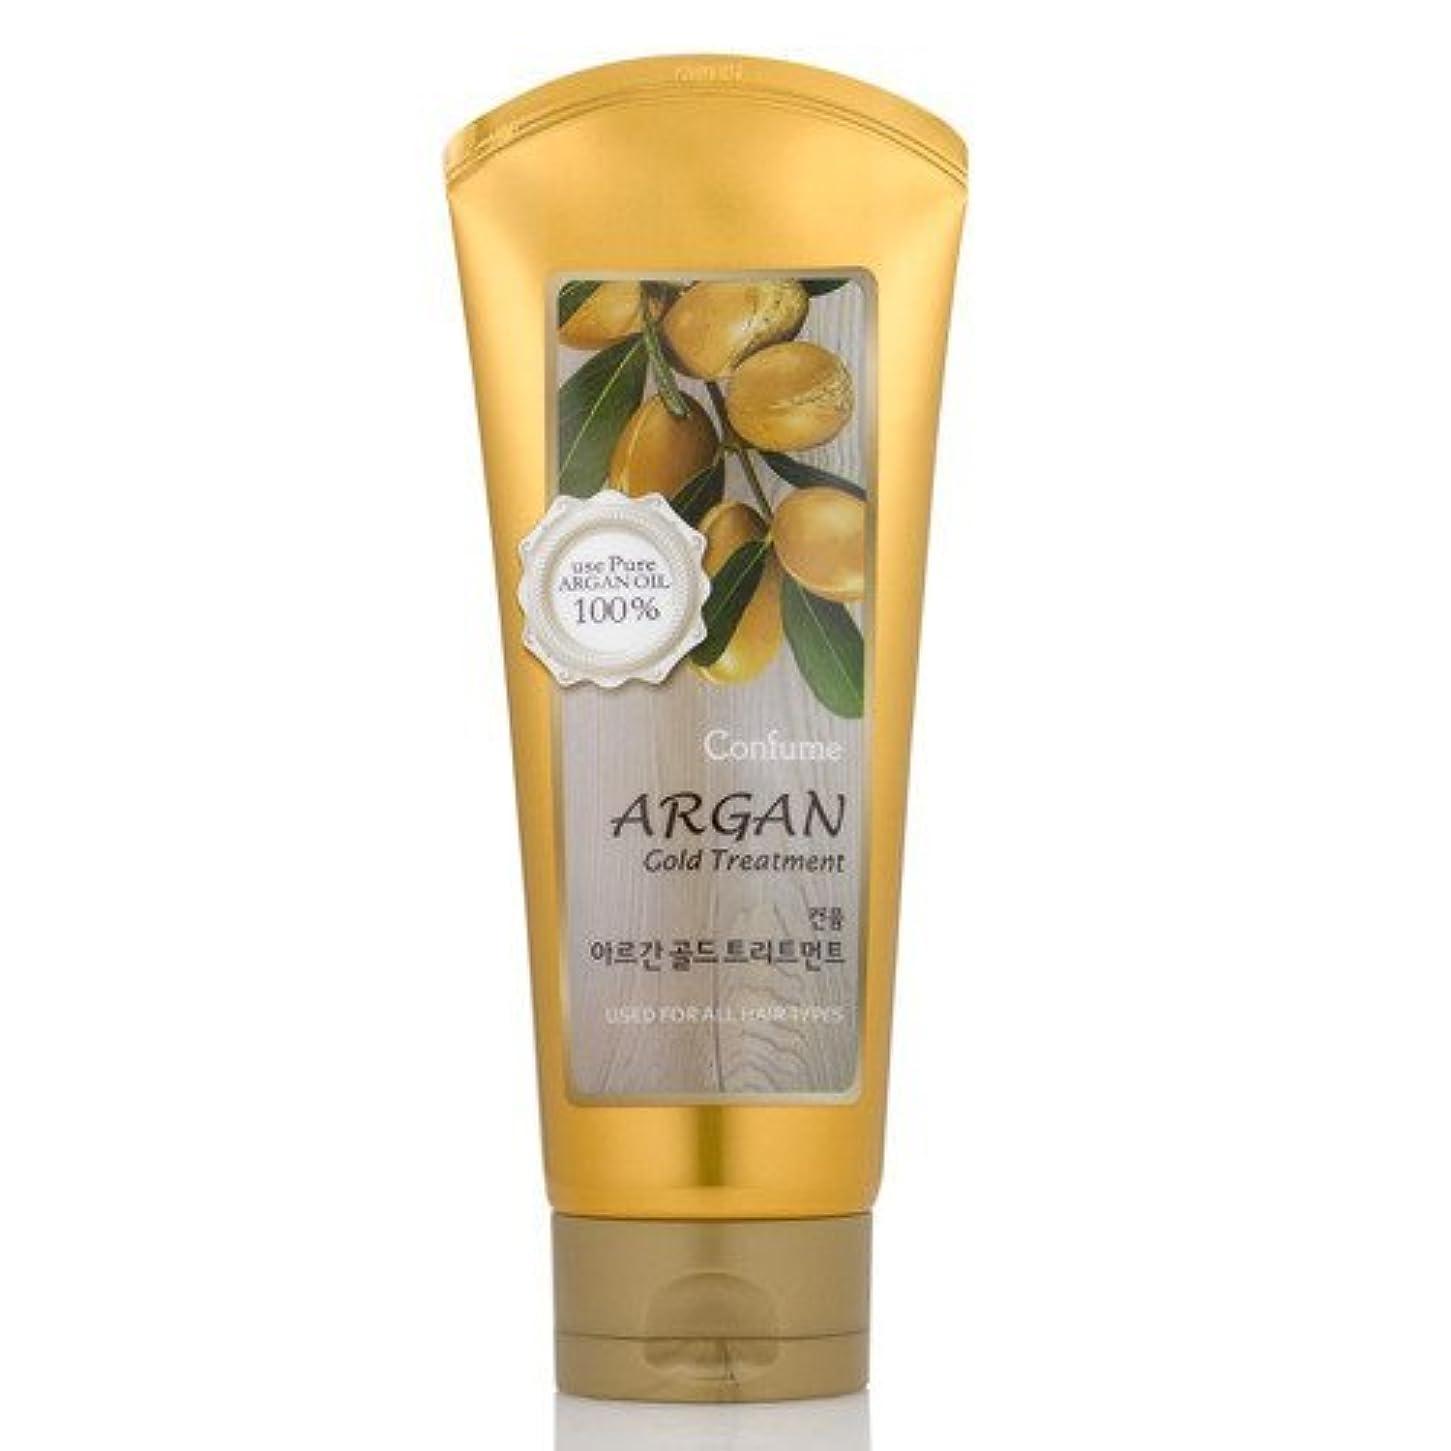 ウェルコス(WELCOS) アルガン コールド トリートメント200ml / Welcos Confume Argan Gold Treatment 200ml [並行輸入品]